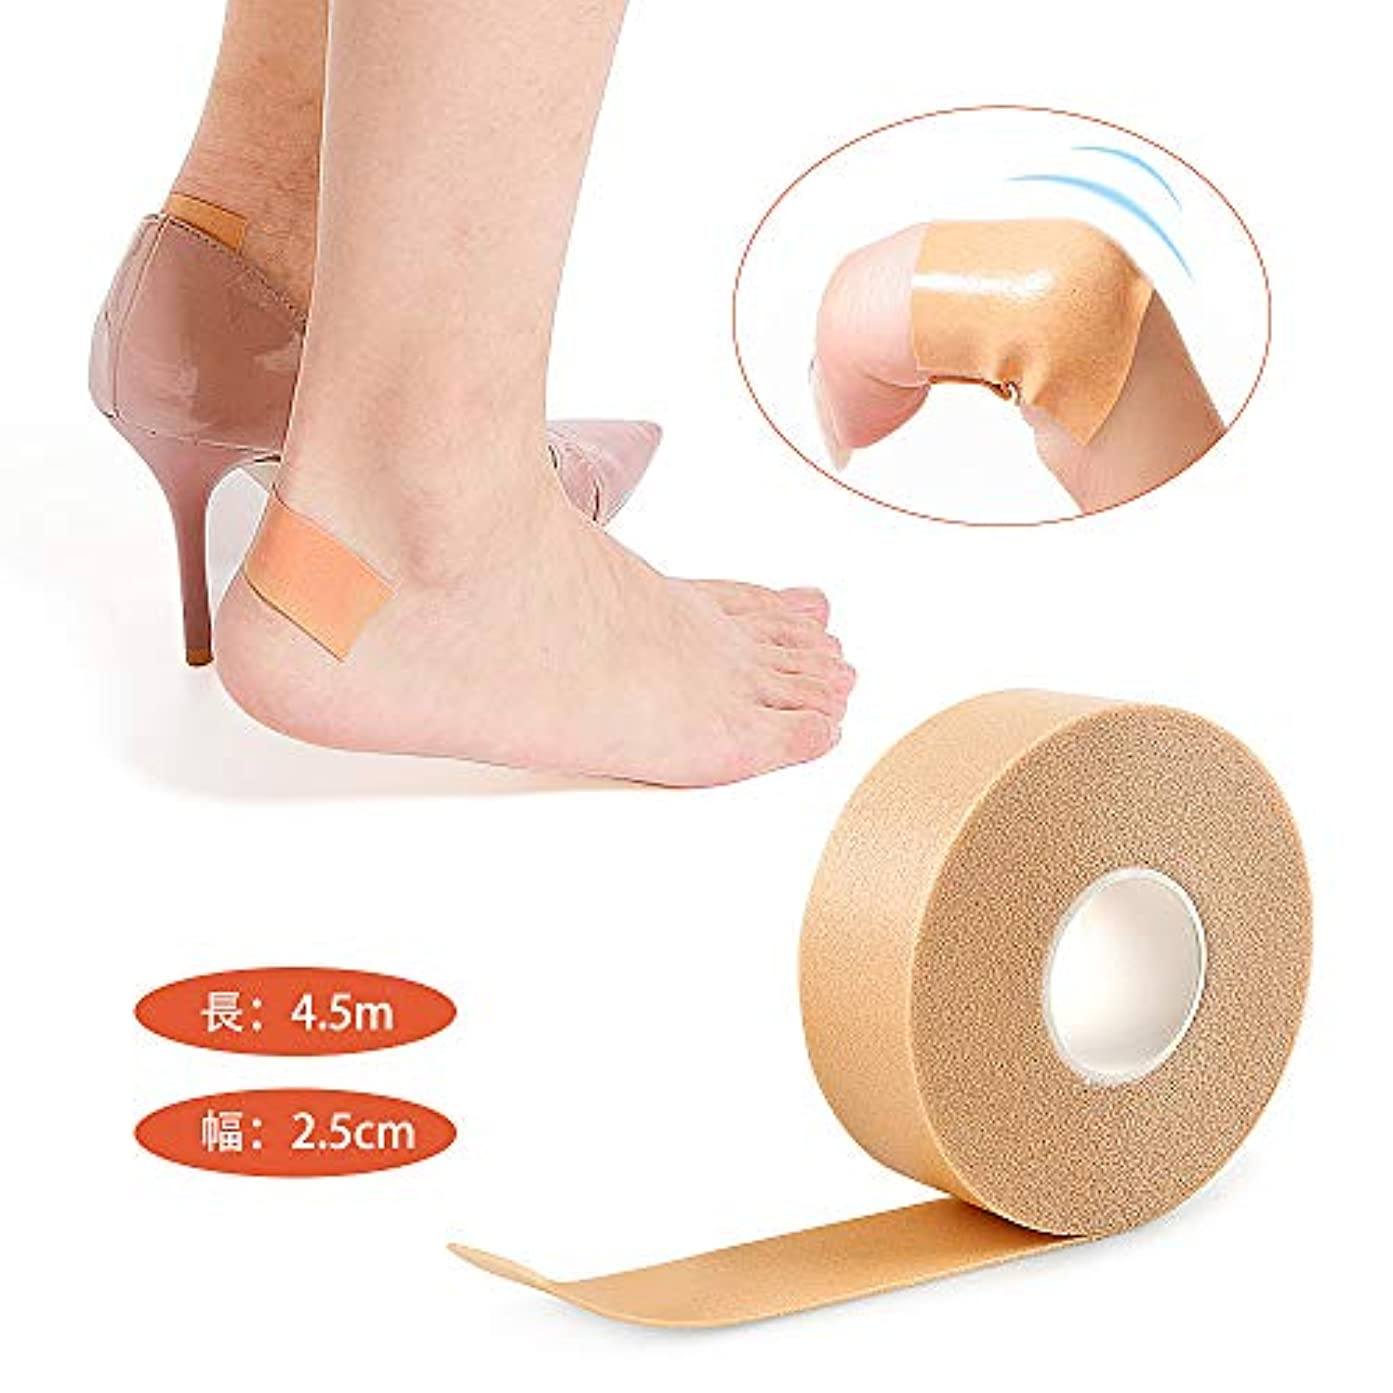 エールが欲しいジーンズAzue 靴擦れ防止パッド かかとパッド 靴ずれ予防テープ テープ 防水素材 粘着 幅2.5cm×長4.5m 保護テープ 足用保護パッド 男女兼用